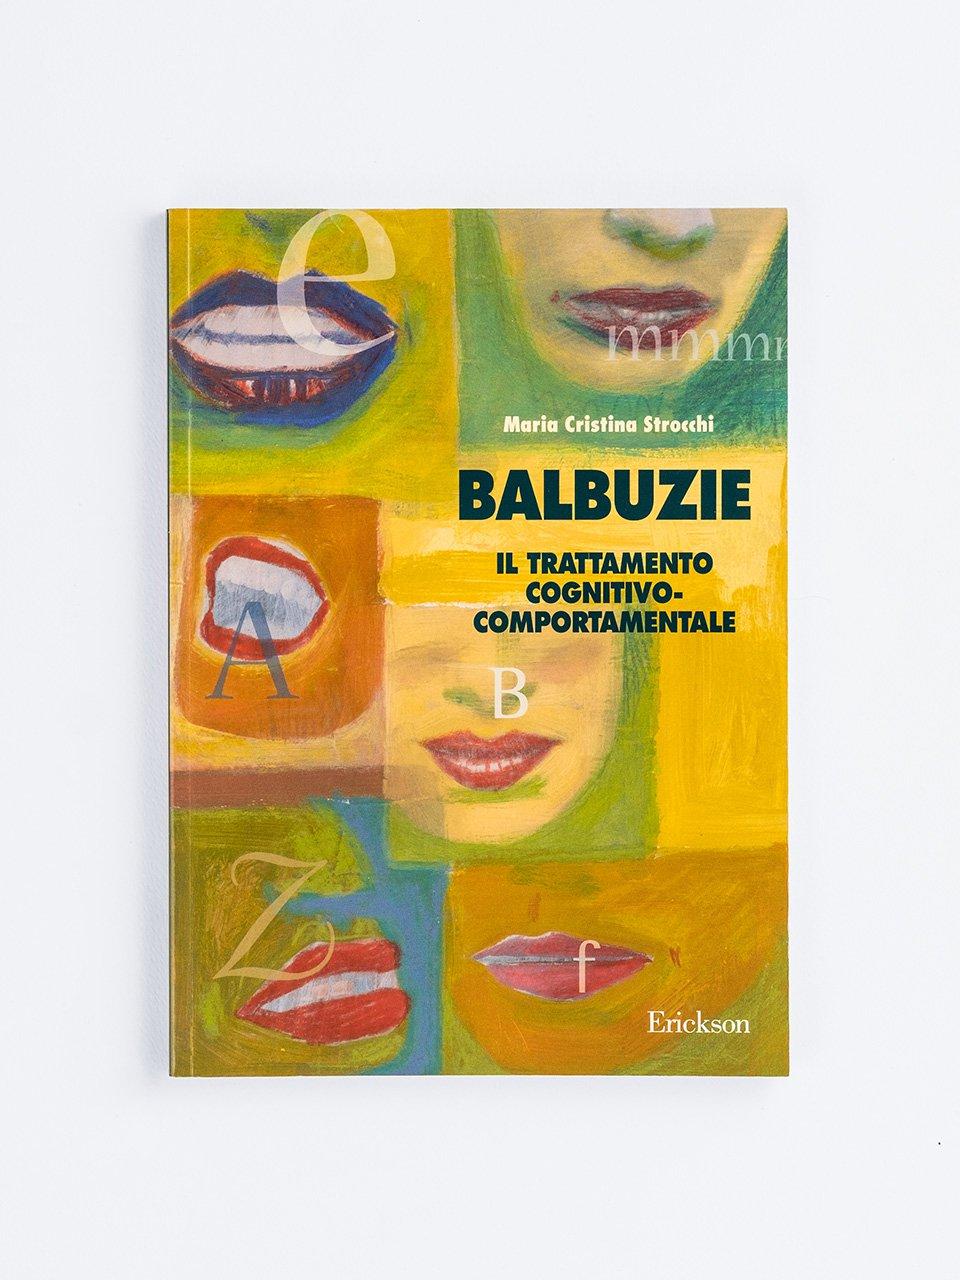 Balbuzie: il trattamento cognitivo-comportamentale - Tachistoscopio SUITE - App e software - Erickson